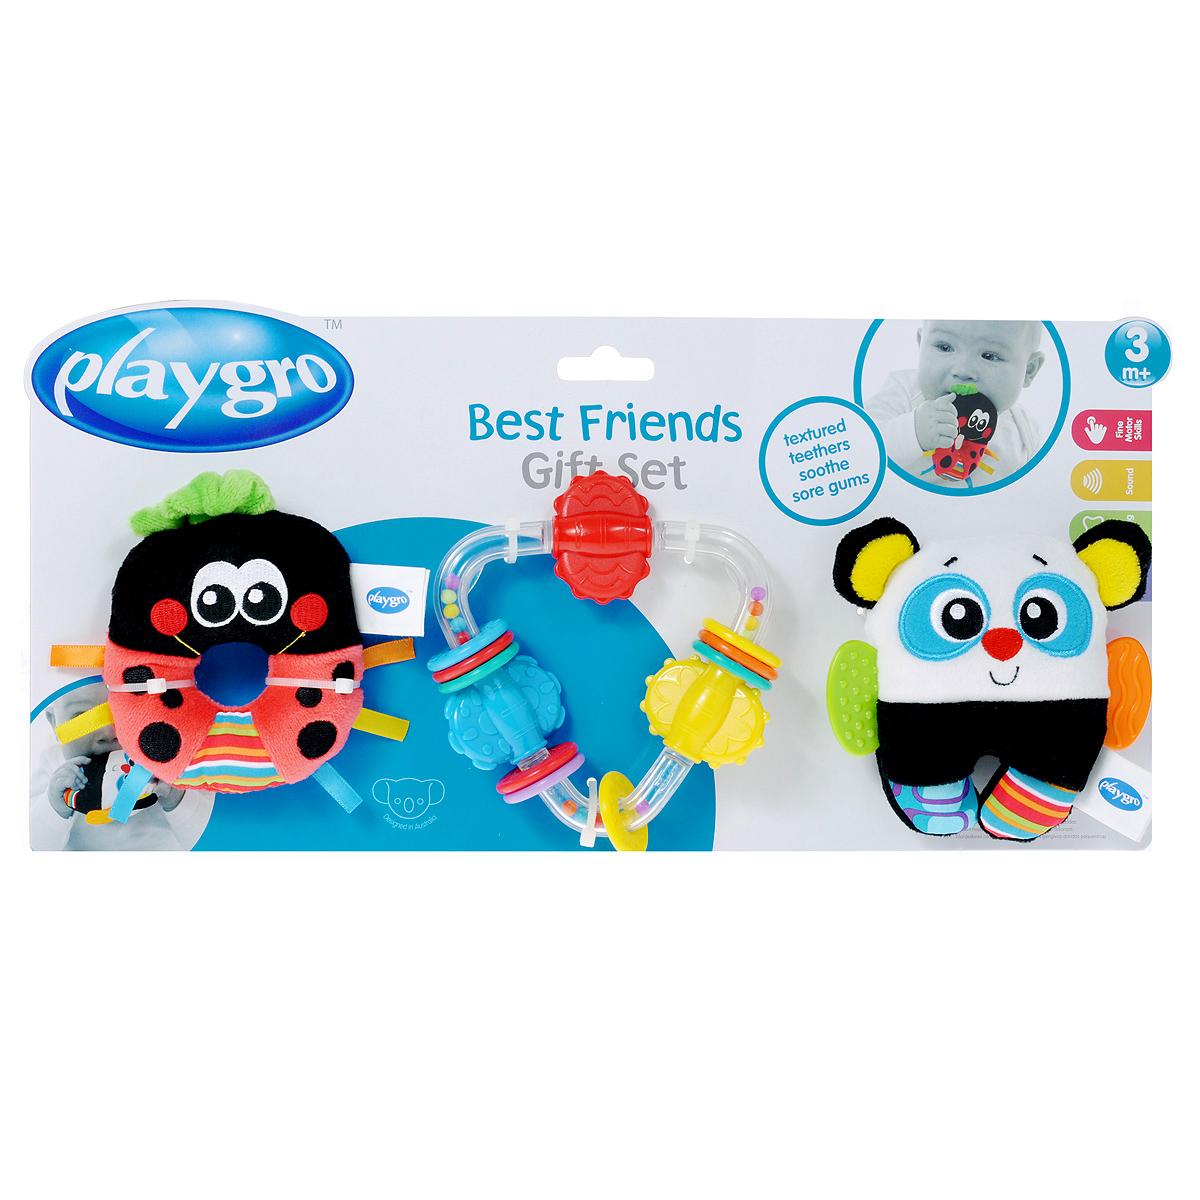 Игровой набор Playgro Best Friends182431Игровой набор Playgro Best Friends не оставит вашего малыша равнодушным и не позволит ему скучать! Набор состоит из трех оригинальных игрушек-погремушек: мягкой божьей коровки, мягкой панды с прорезывателями для зубов и пластиковой игрушки треугольной формы. Божья коровка изготовлена из современных, легких материалов разных цветов и фактур. Внутри нее расположена сфера, гремящая при тряске. Панда также изготовлена из современных, легких материалов разных цветов и фактур. По бокам игрушка дополнена двумя небольшими прорезывателями, а внутри расположены шуршащие элементы и сфера, гремящая при тряске. Третья погремушка выполнена из безопасного пластика и представляет собой треугольник с закругленными углами. На каждой стороне треугольника расположен вращающийся элемент. Между элементами находятся по три цветных колечка, которые малыш сможет передвигать и вращать. Стенки треугольника прозрачные, внутри него находятся маленькие разноцветные шарики, которые перекатываются и гремят при...